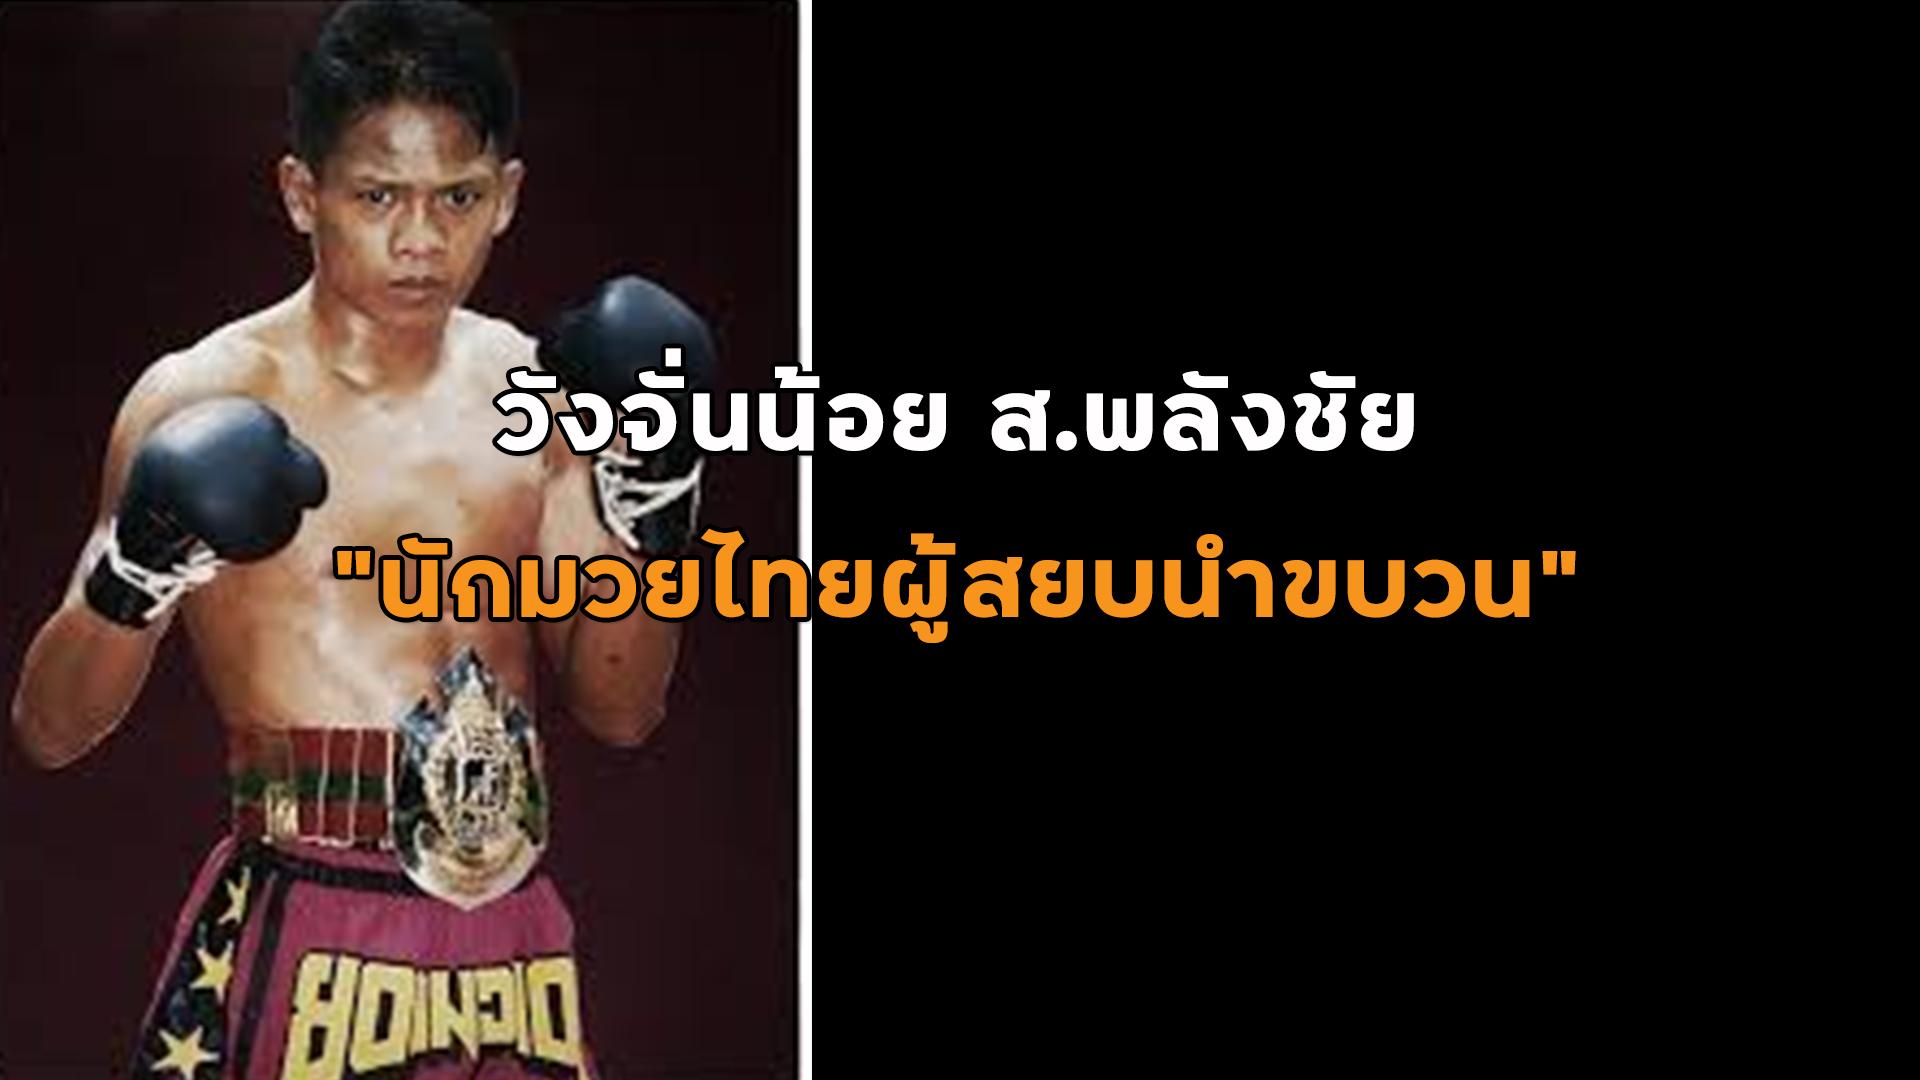 วังจั่นน้อย ส.พลังชัย นักมวยไทยผู้สยบนำขบวน